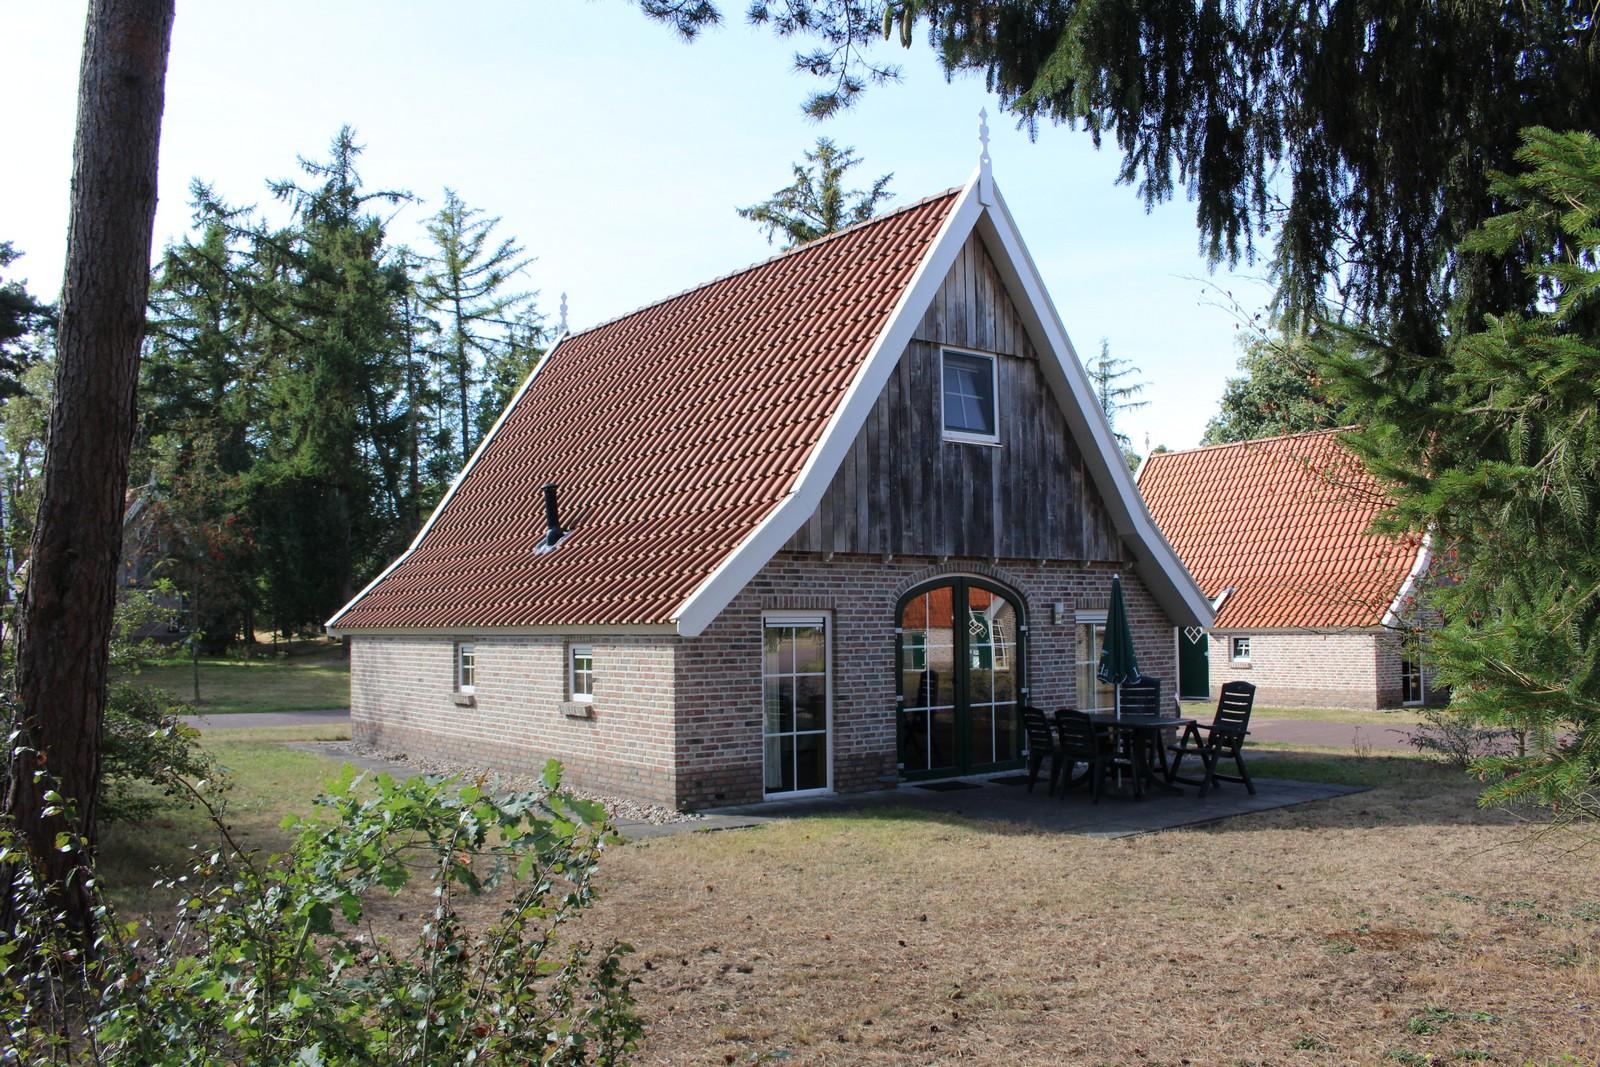 Landgoed De Hellendoornse Berg, 136 type steeger hoes